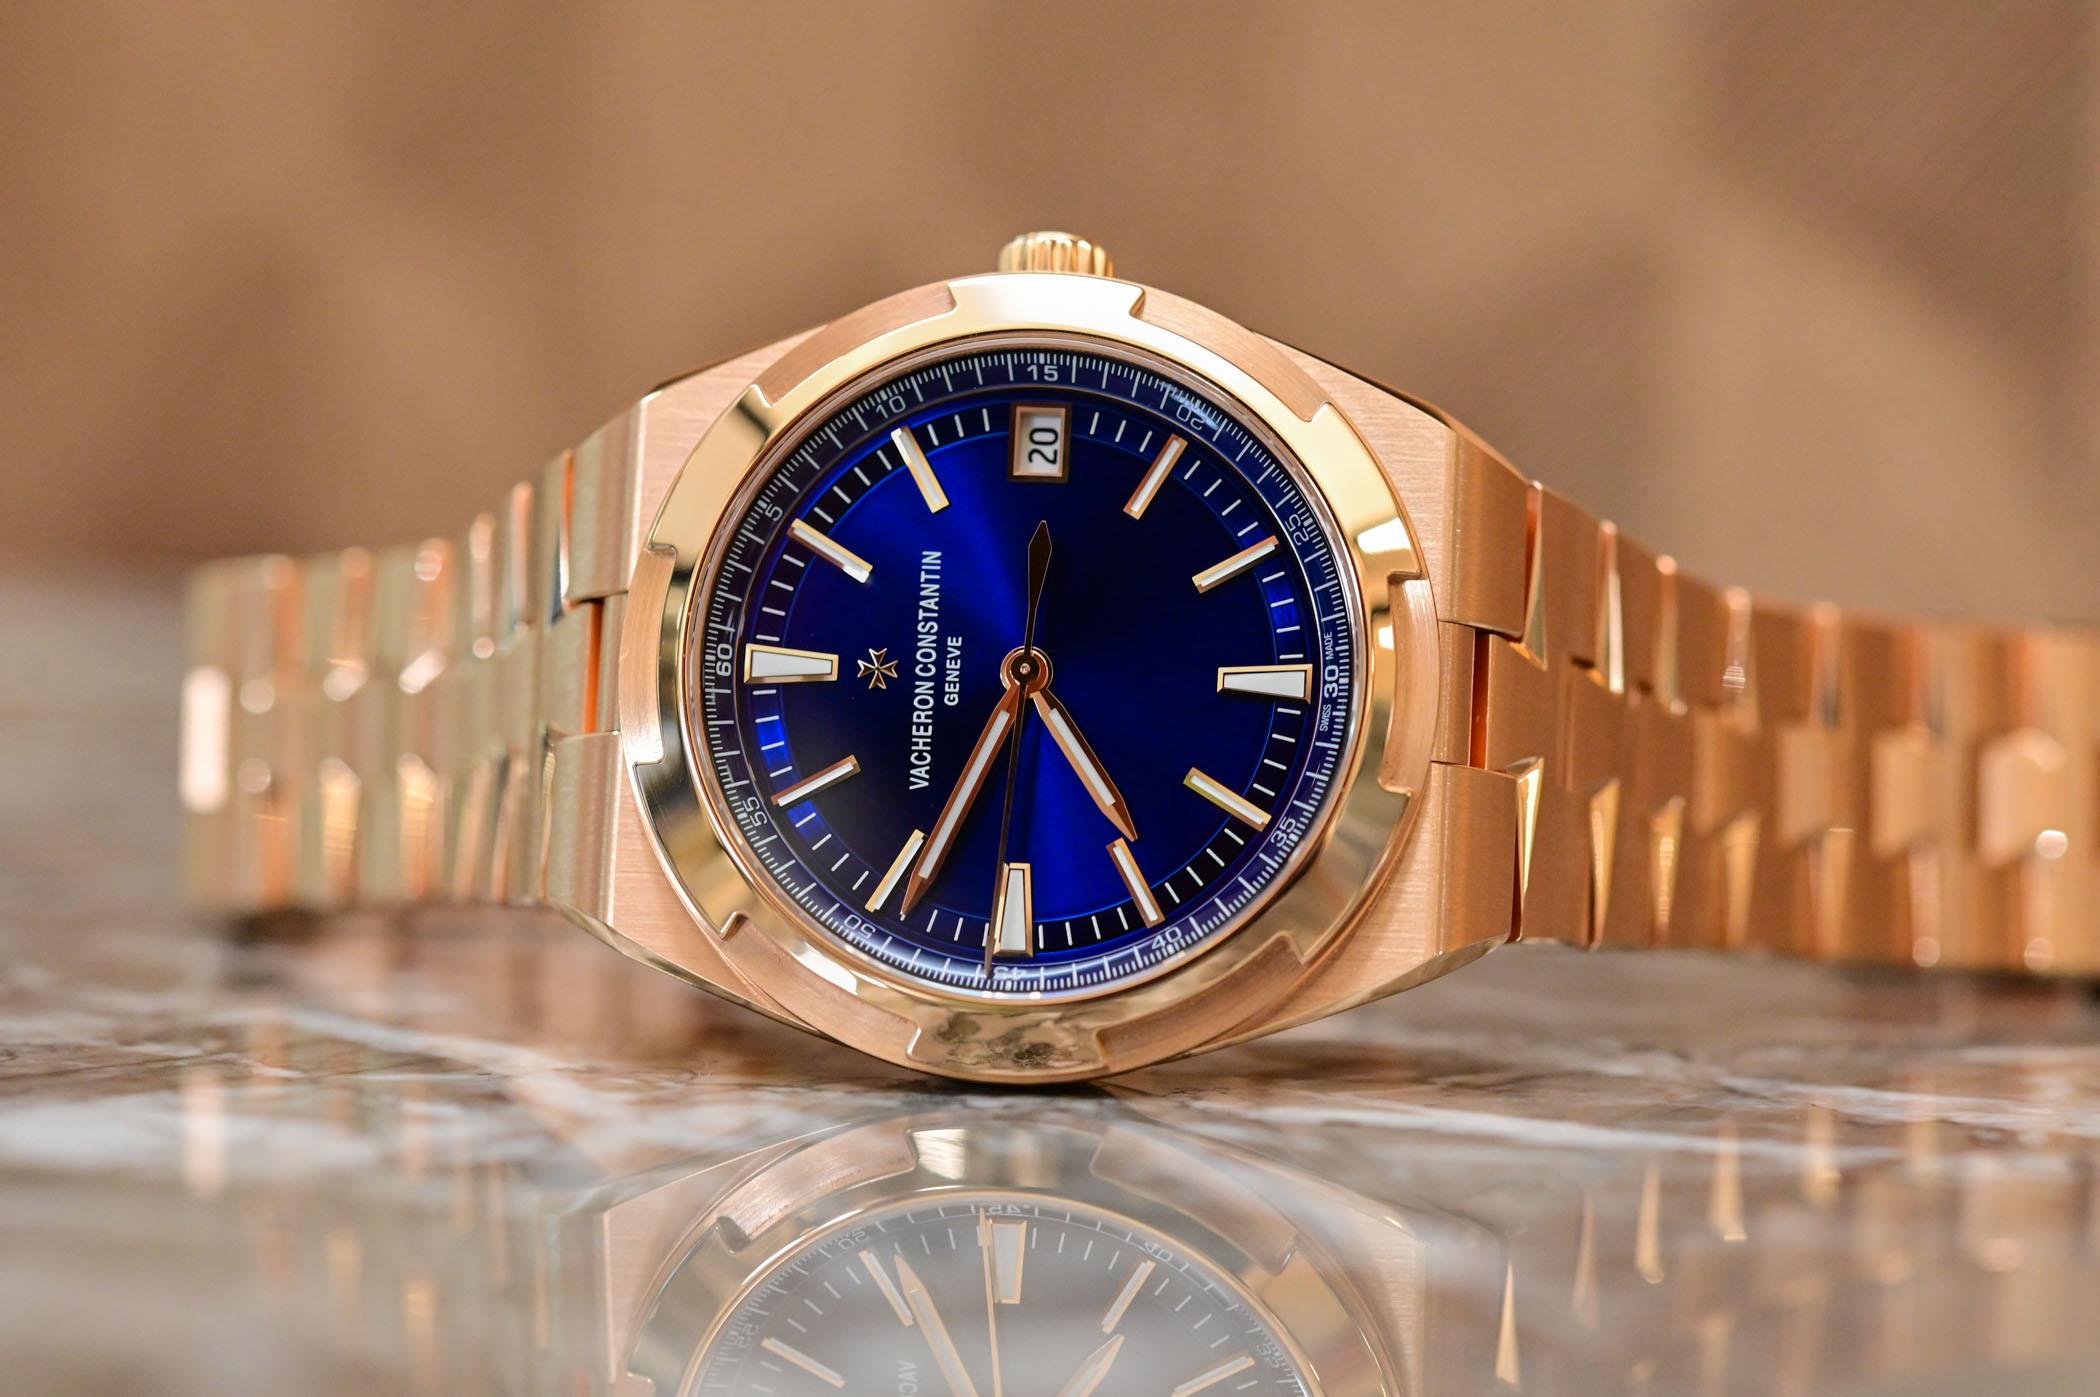 https://k8q7r7a2.stackpathcdn.com/wp-content/uploads/2020/09/Vacheron-Constantin-Overseas-Self-Winding-4500V-Pink-Gold-Blue-Dial-2020-2.jpg